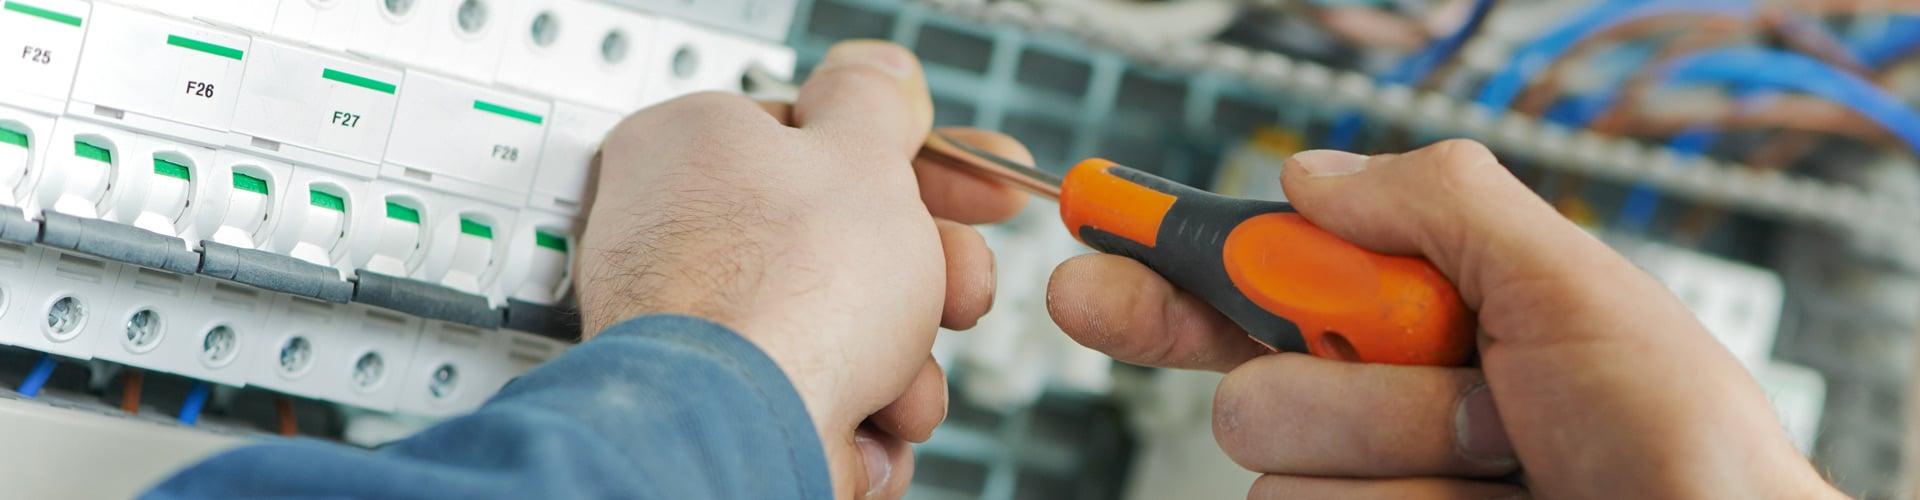 vad tjänar en elektriker